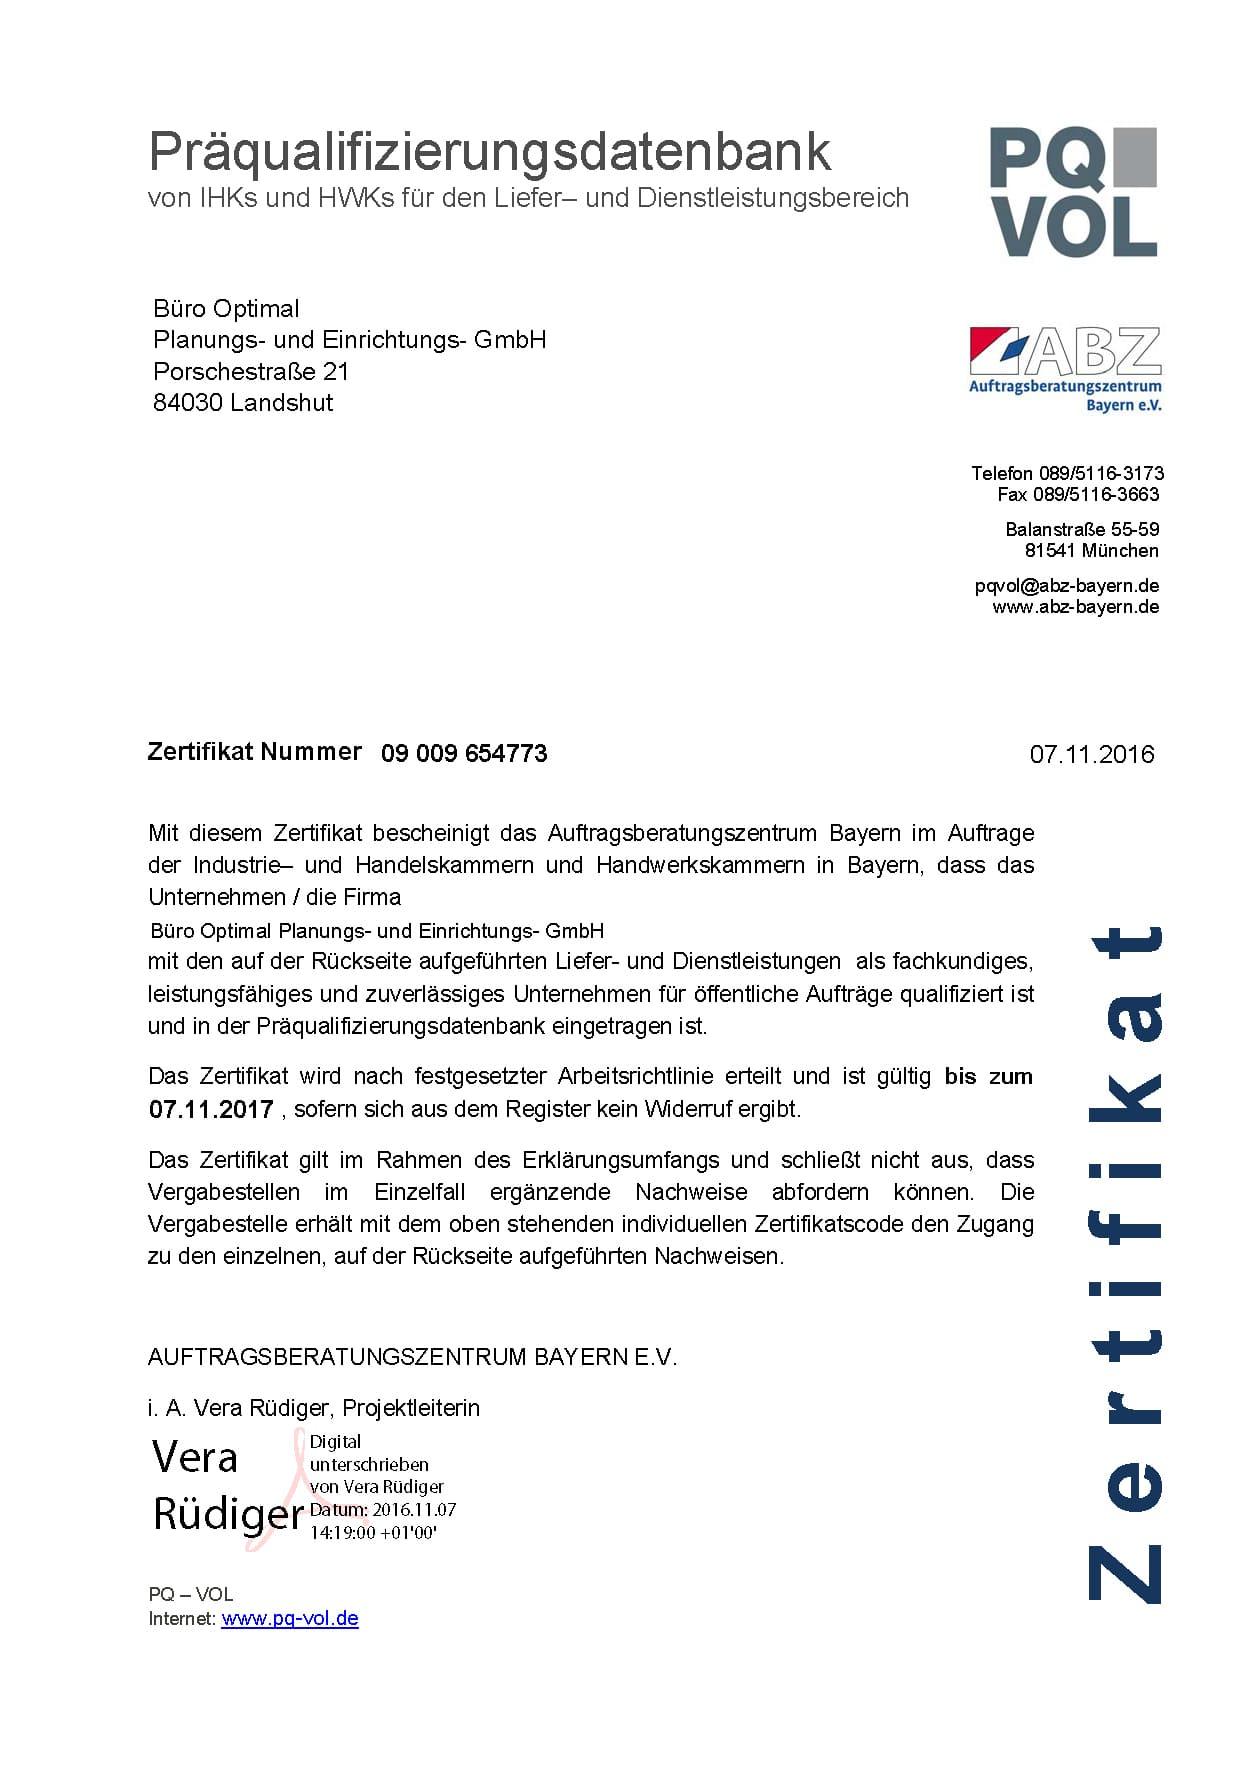 Präqualifizierung - Büro Optimal - Landshut